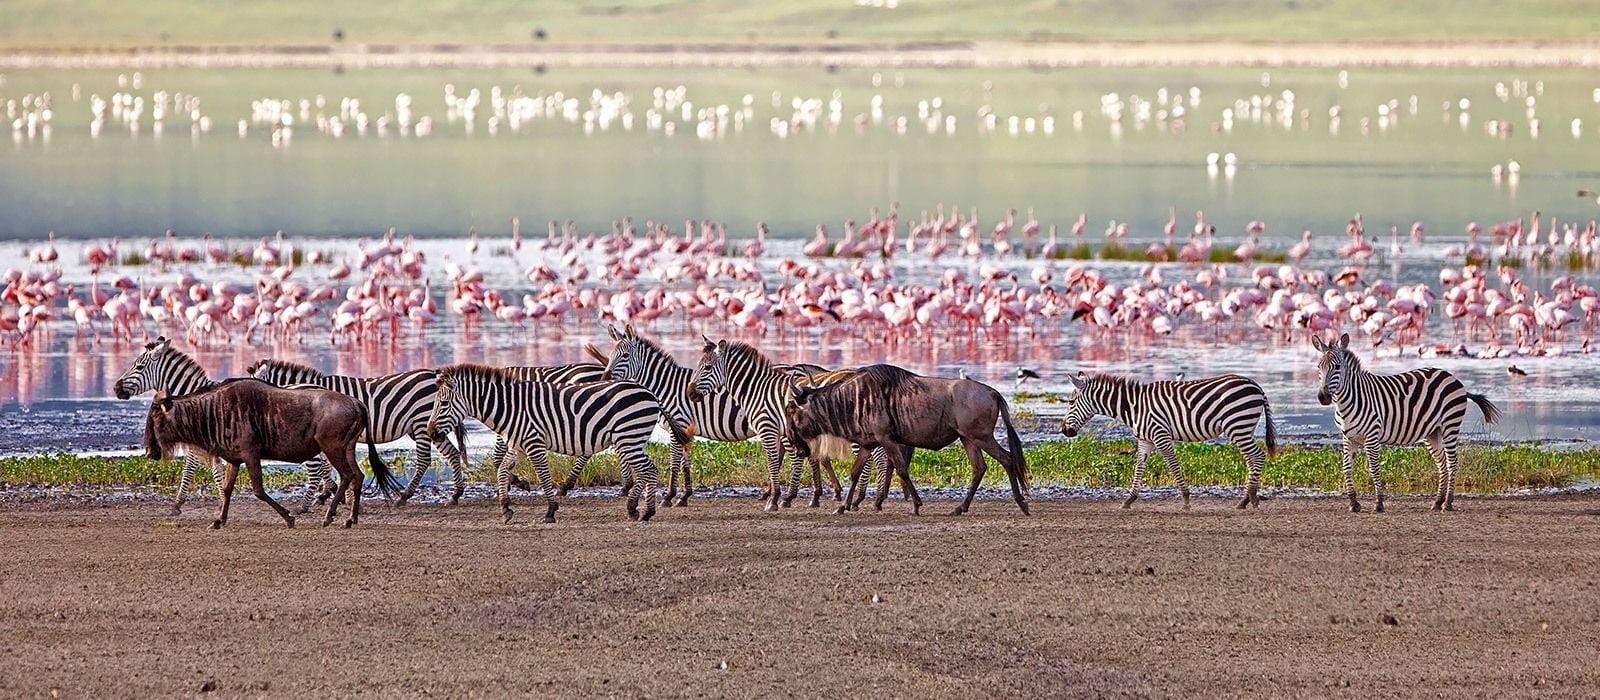 safari-in-tanzania-lake-manyara_01